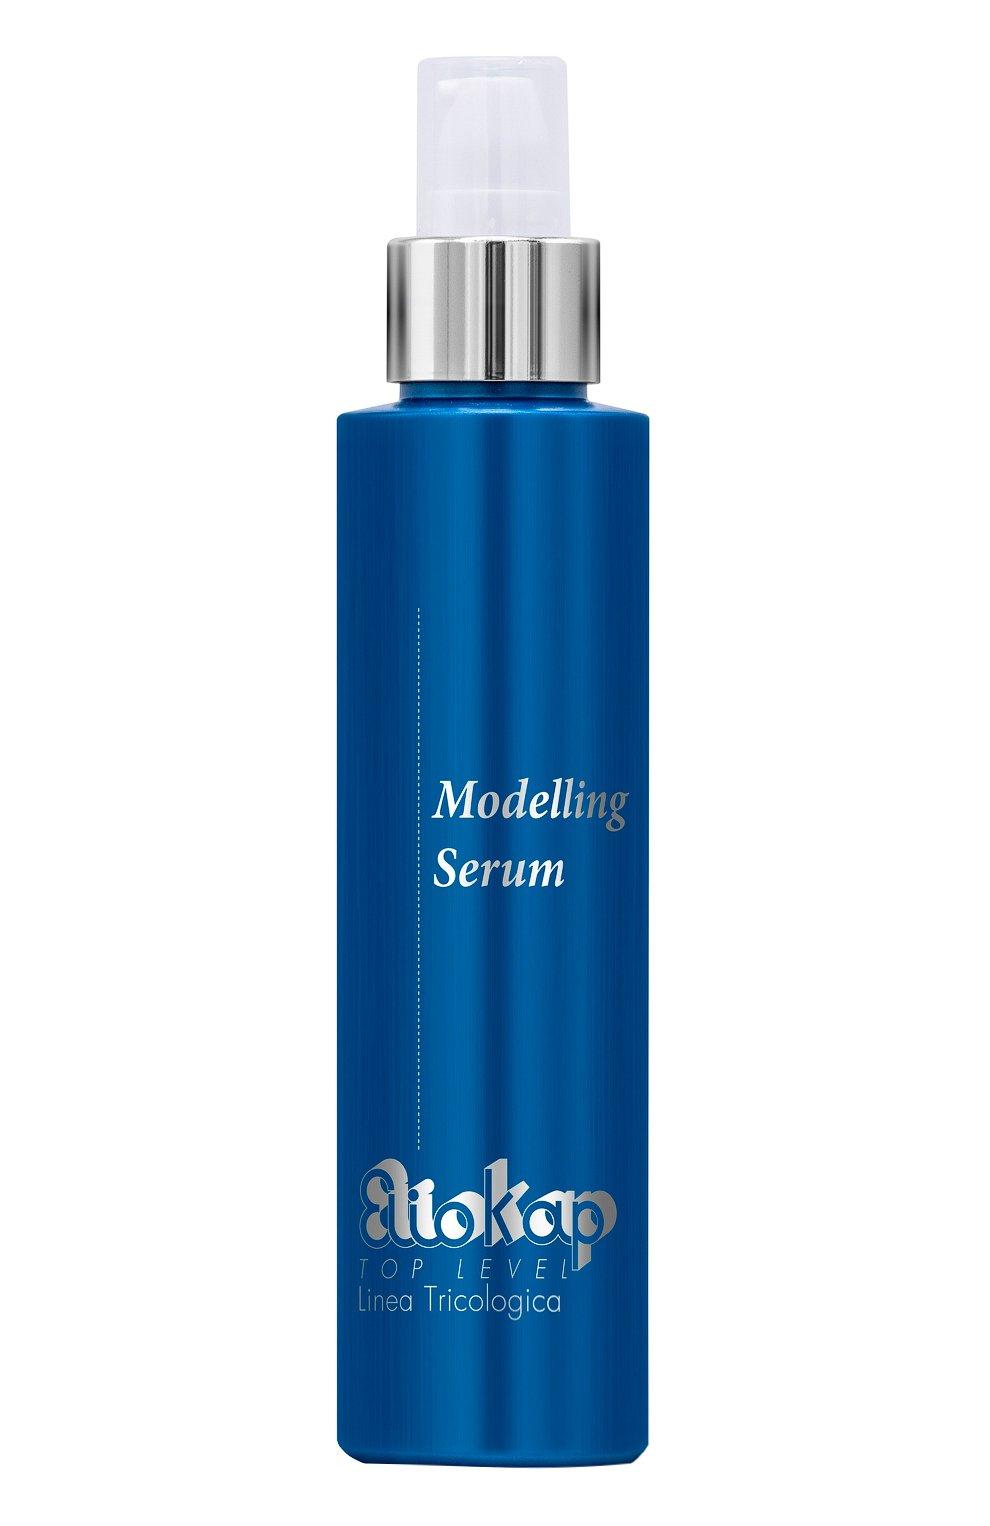 Моделирующая сыворотка modelling serum (150ml) ELIOKAP бесцветного цвета, арт. E06700 | Фото 1